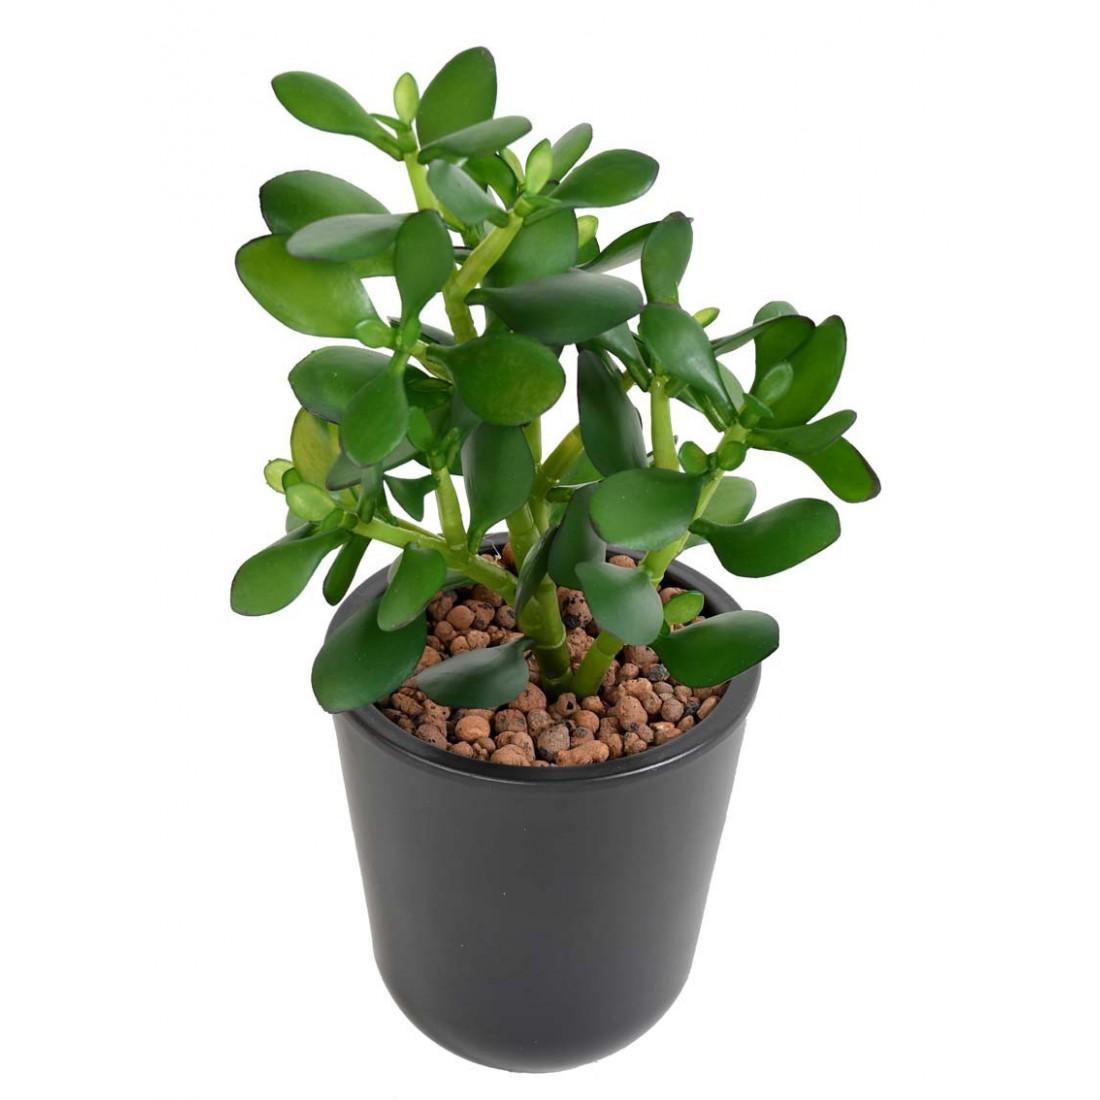 crassula artificiel jade 30 cm cactus plantes grasses artificiels reflets nature lyon. Black Bedroom Furniture Sets. Home Design Ideas